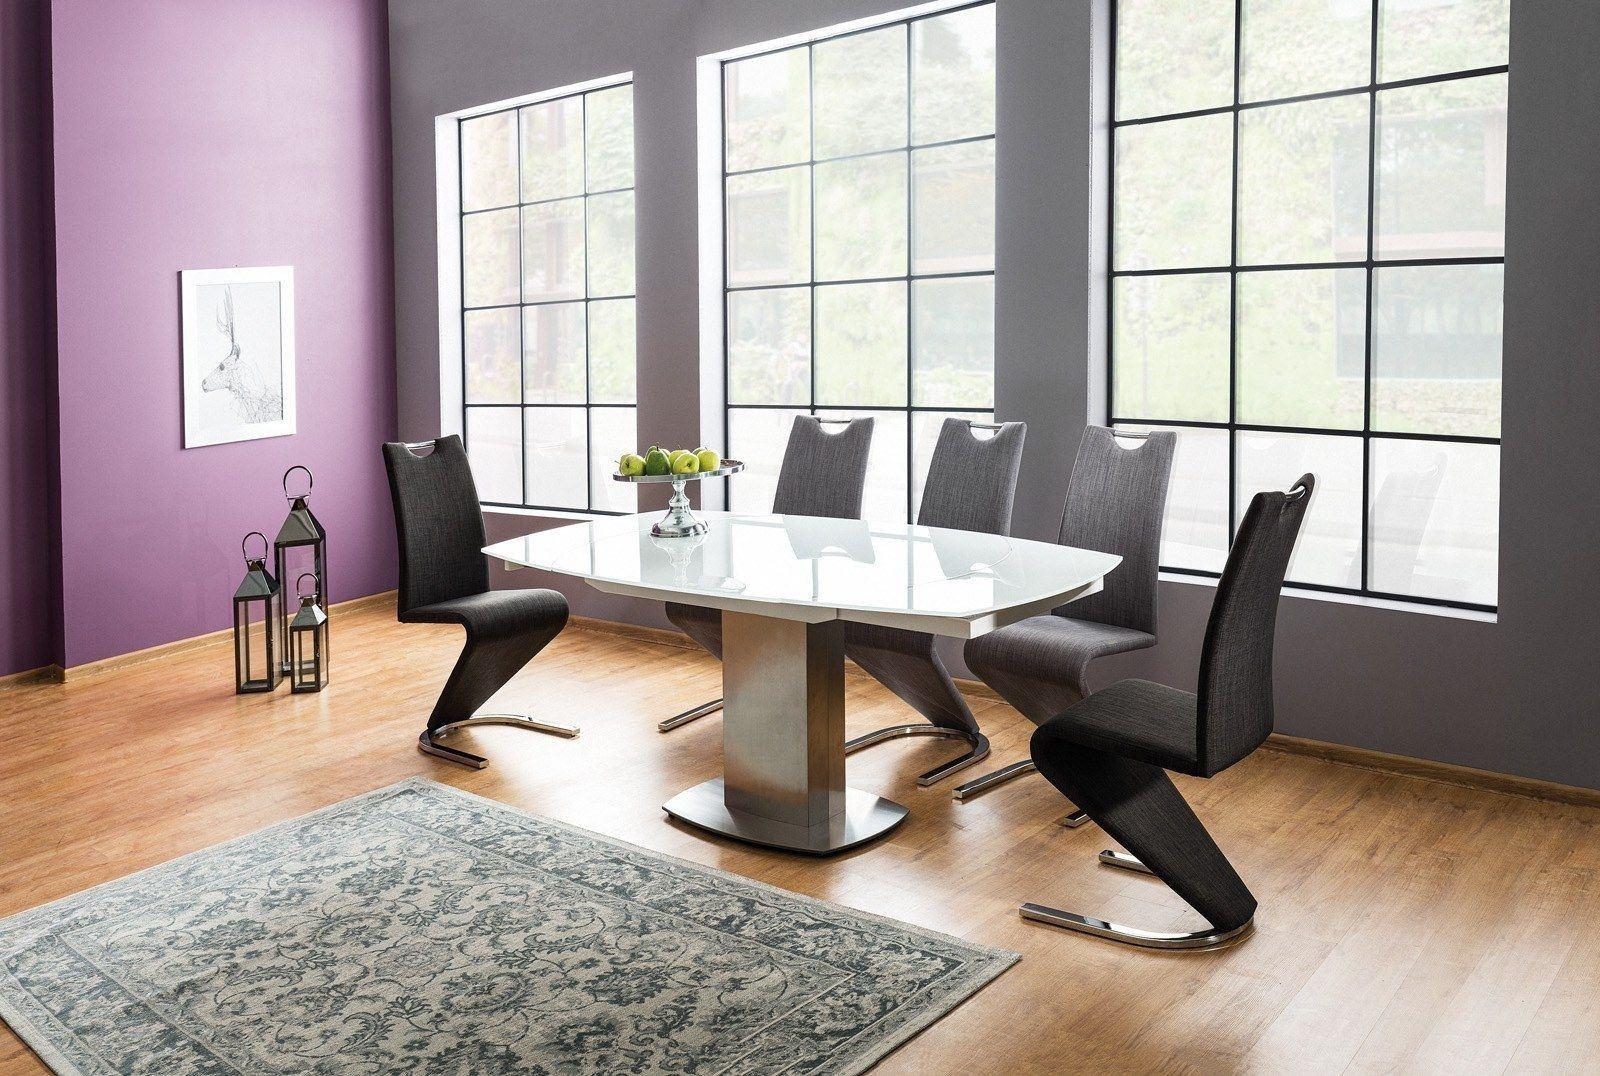 Esstisch Luciano mit Milchglasplatte erwieterbar von 130cm auf 190cm. Füße mit gebürsteten Metall.